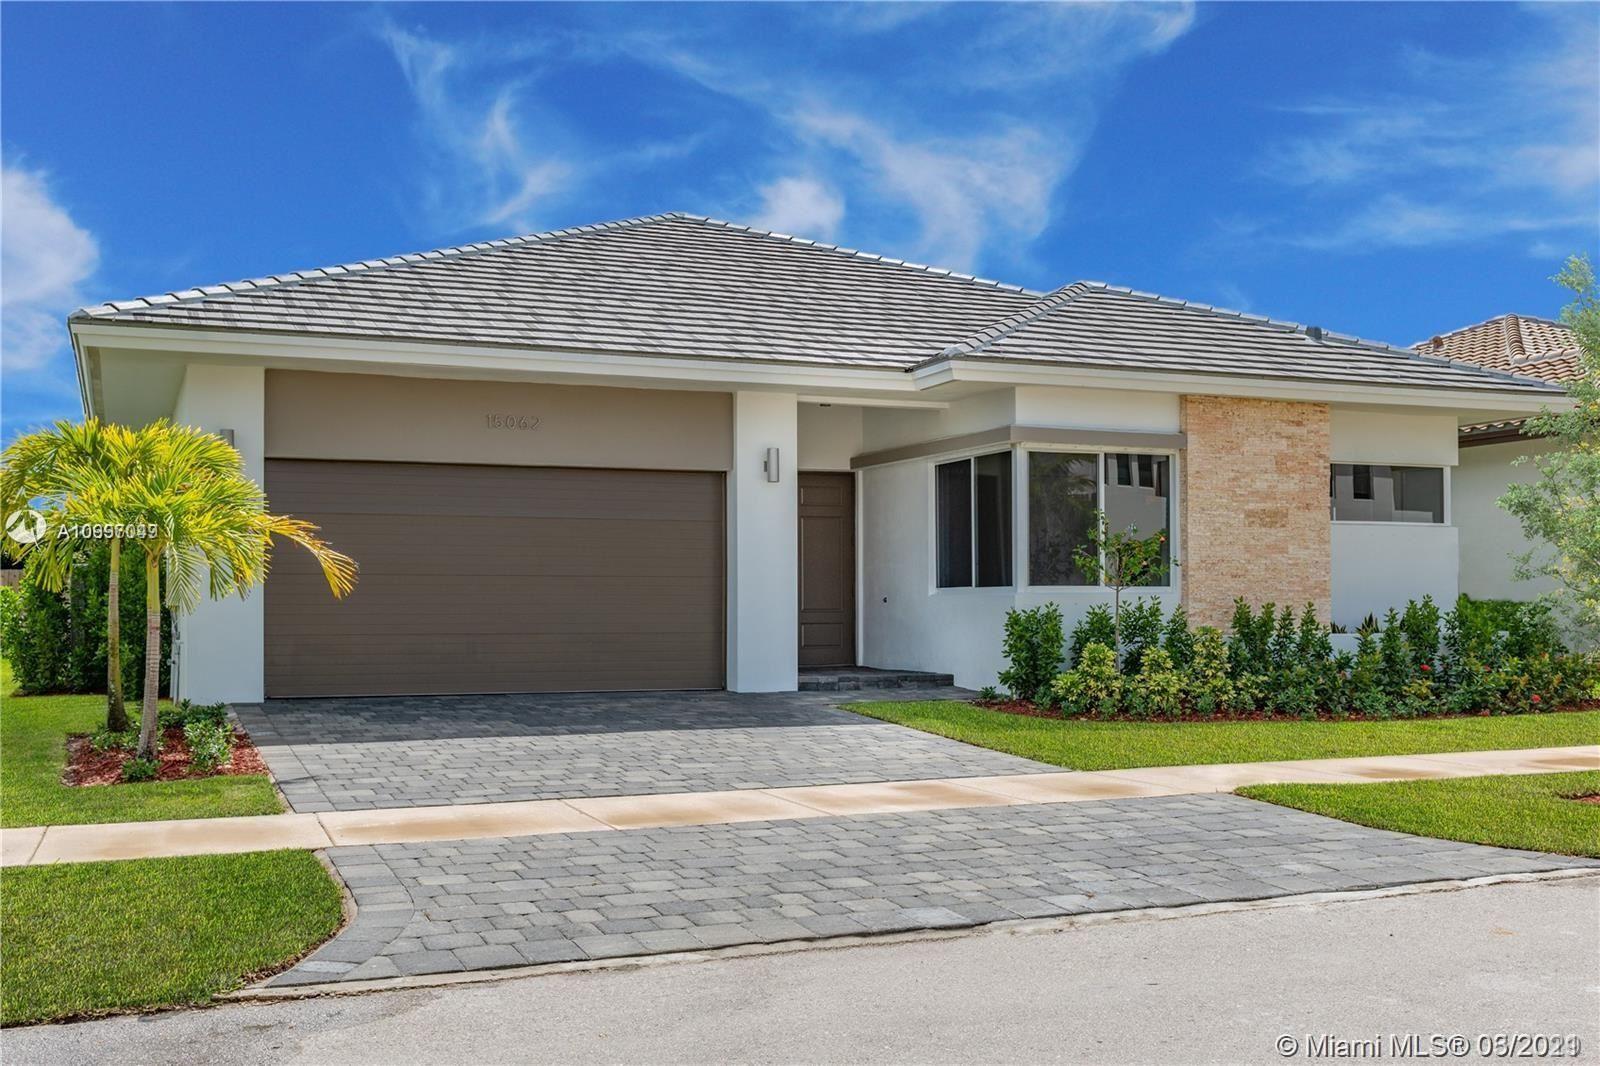 15062 SW 177th Ter, Miami, FL 33187 - #: A10997049